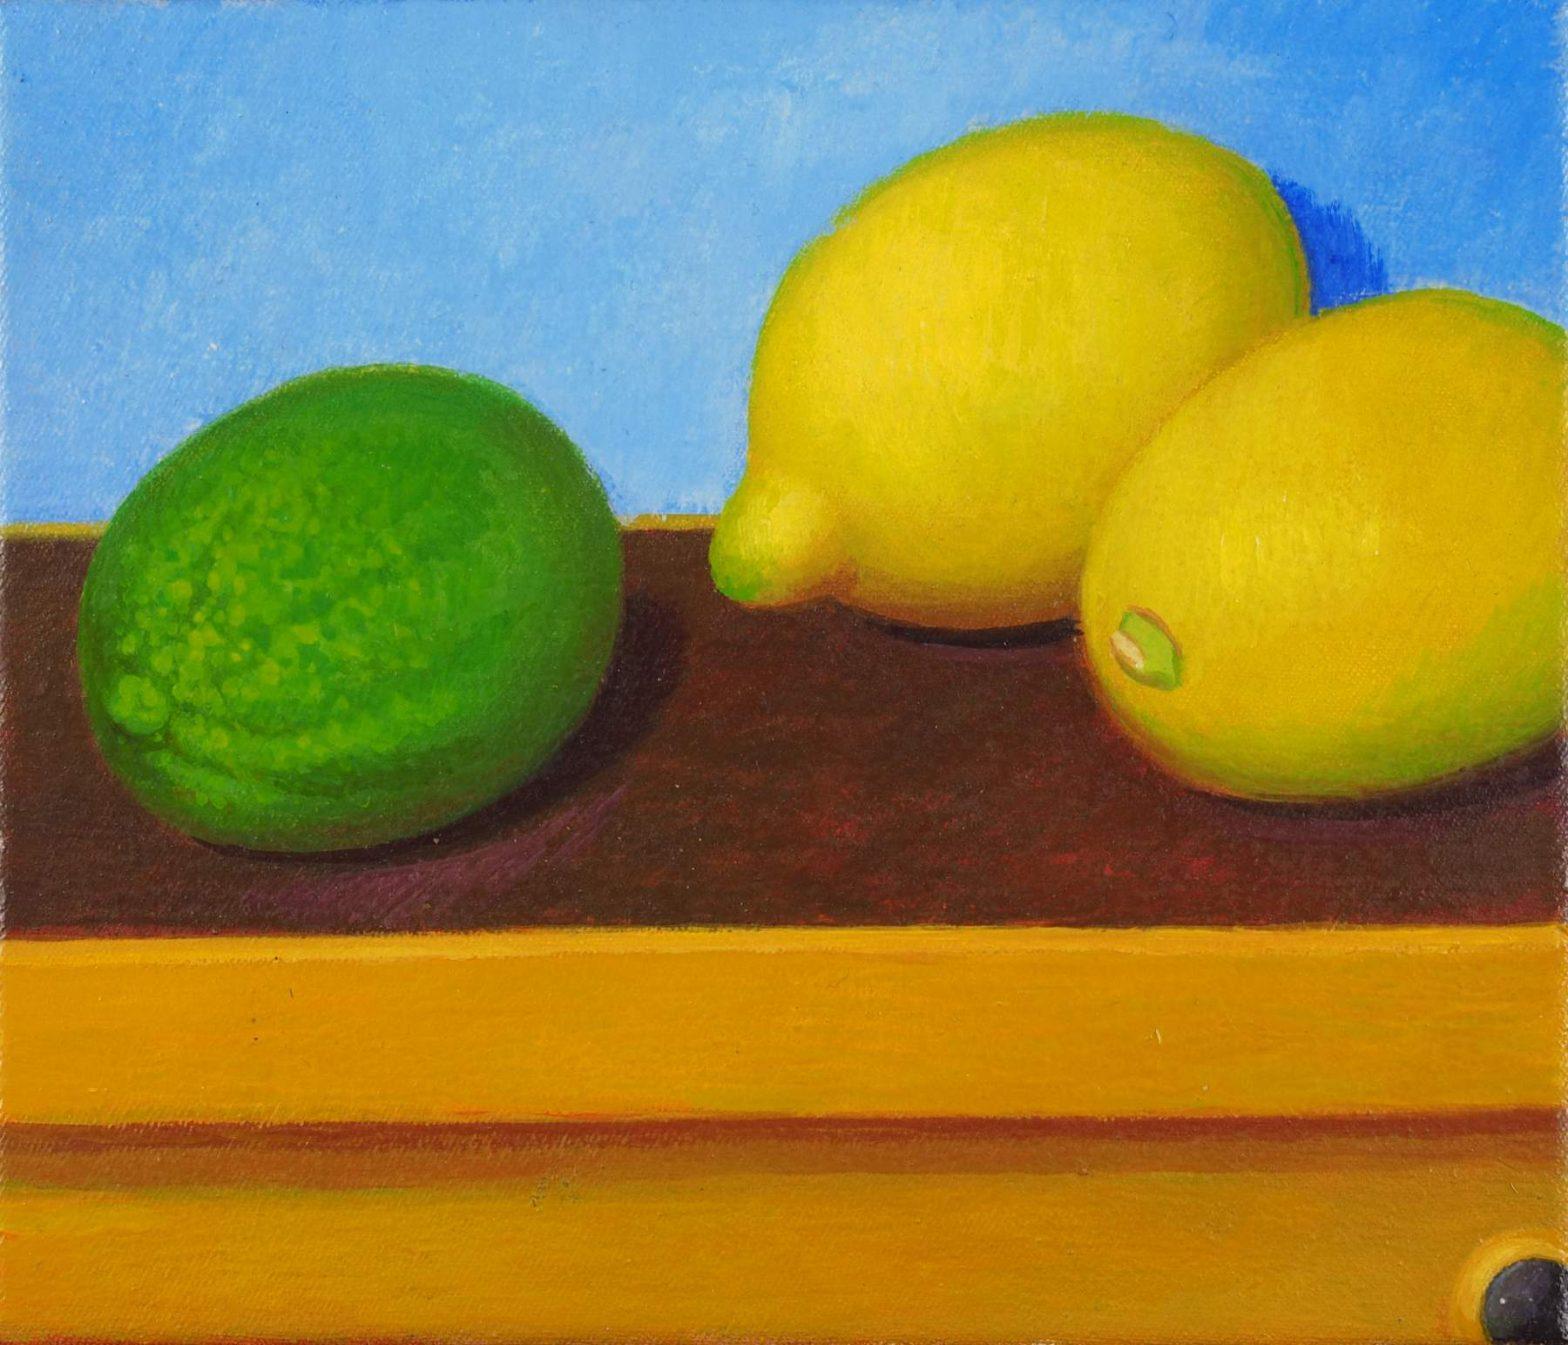 Stilleben mit Zitronen und Limette, Oil on canvas (18 x 21 cm) 2014